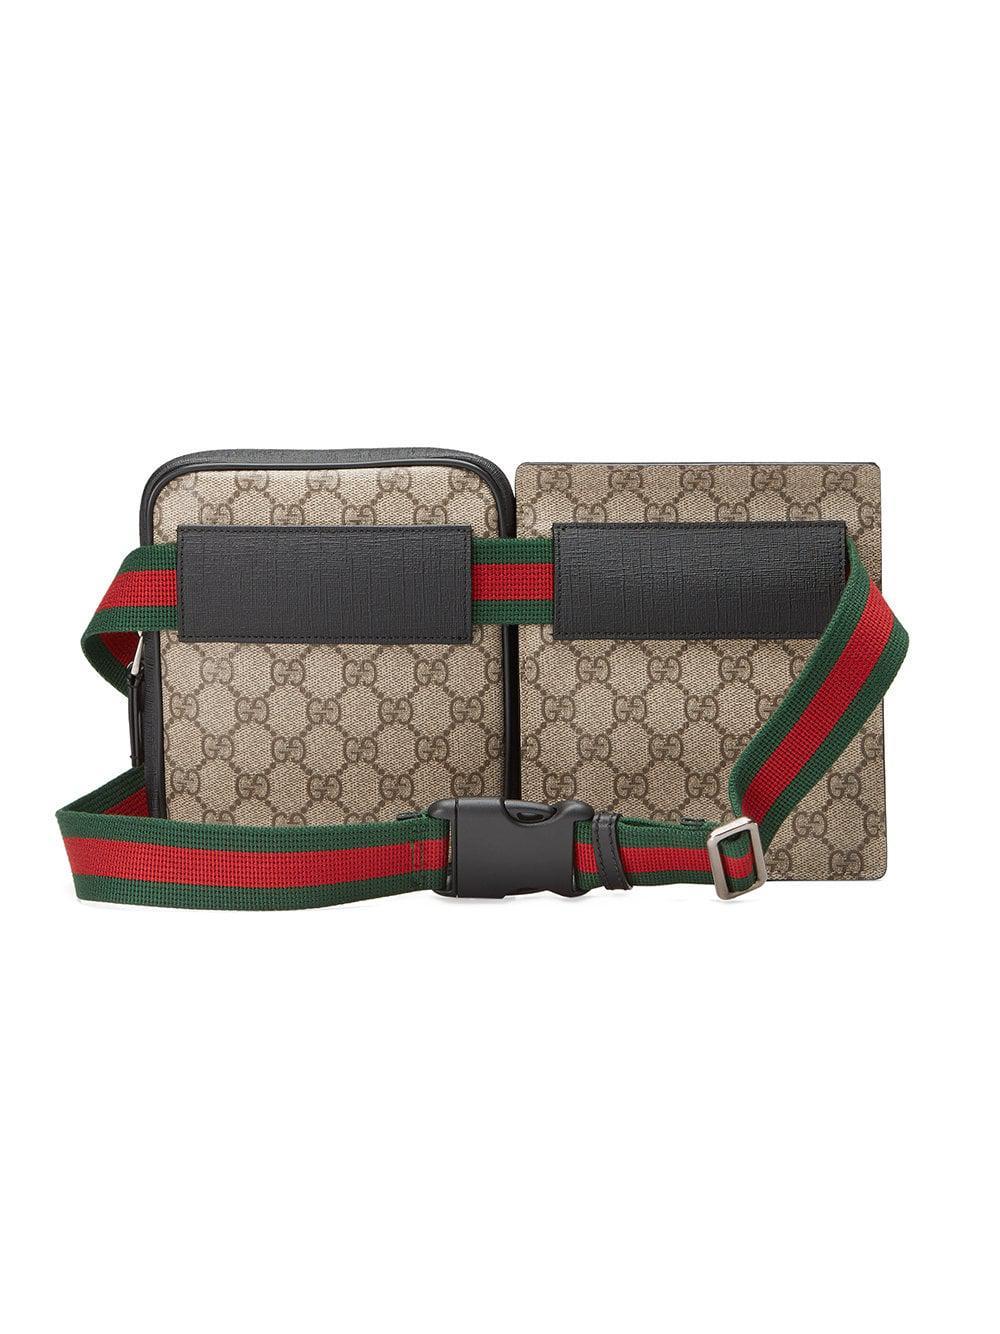 9311c4ecad0 Lyst - Sac ceinture en toile Suprême GG Gucci pour homme